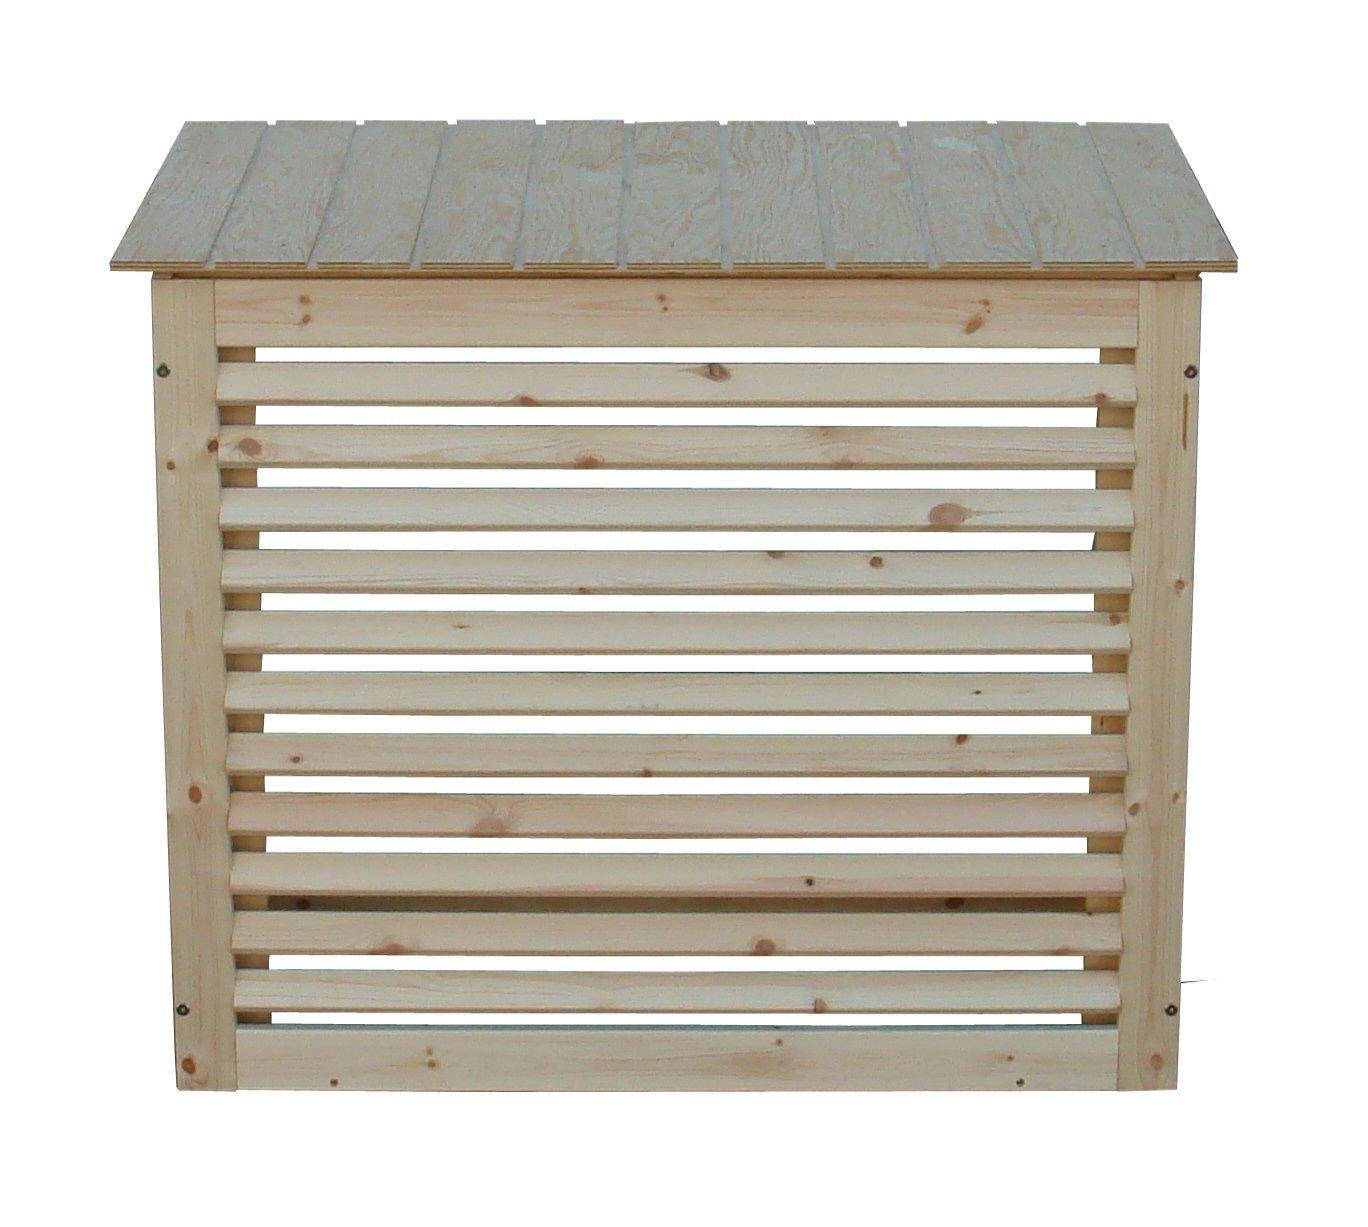 Sichtschutz aus Holz für Klimageräte oder Wärmepumpe Gr 3 Amazon